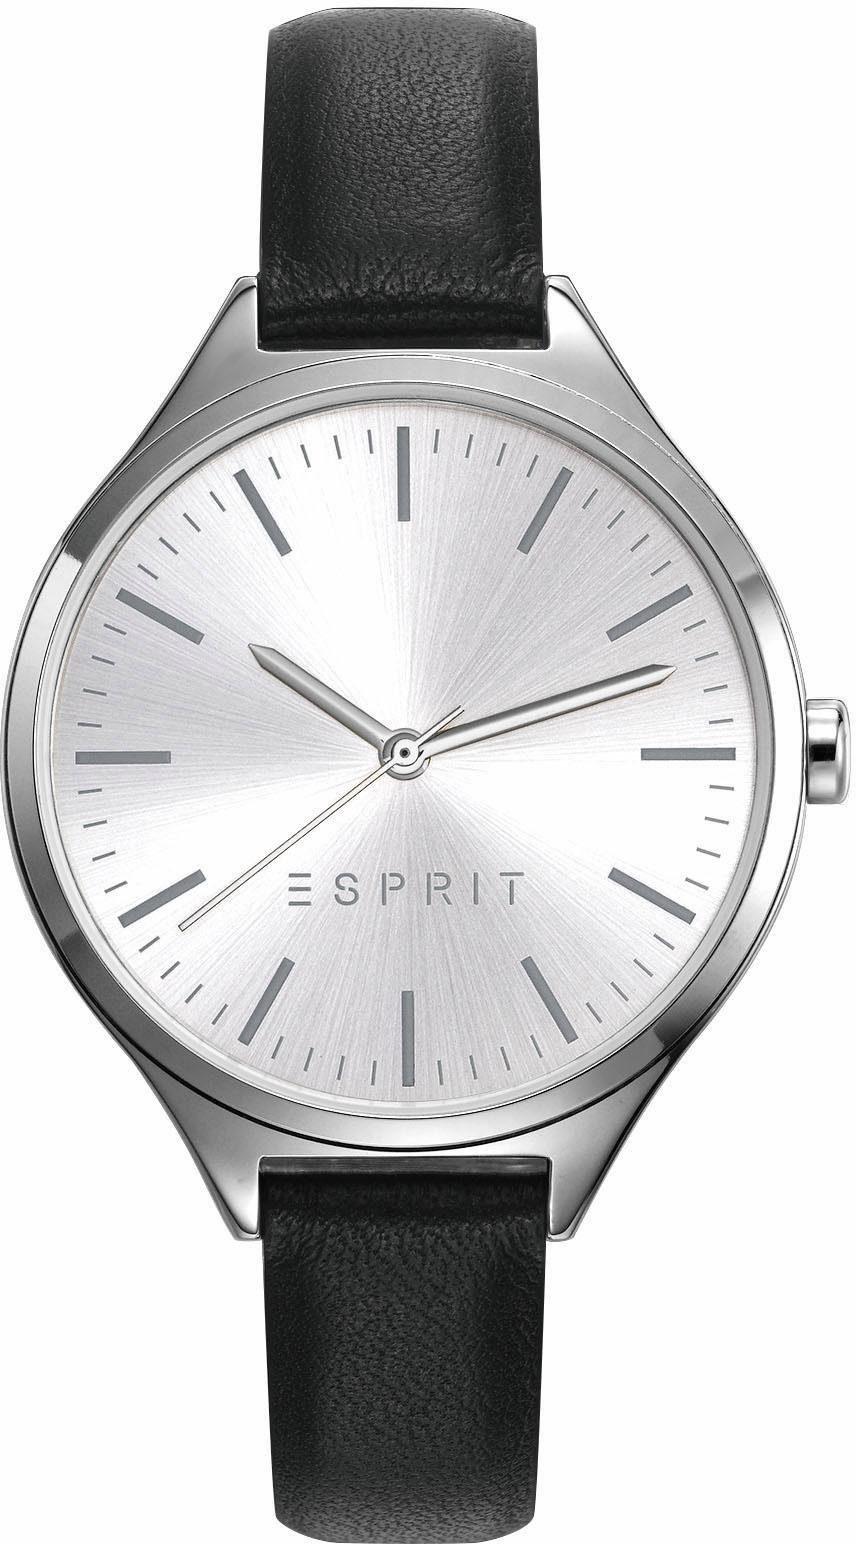 ESPRIT Quarzuhr »ESPRIT-TP10927 BLACK, ES109272001«